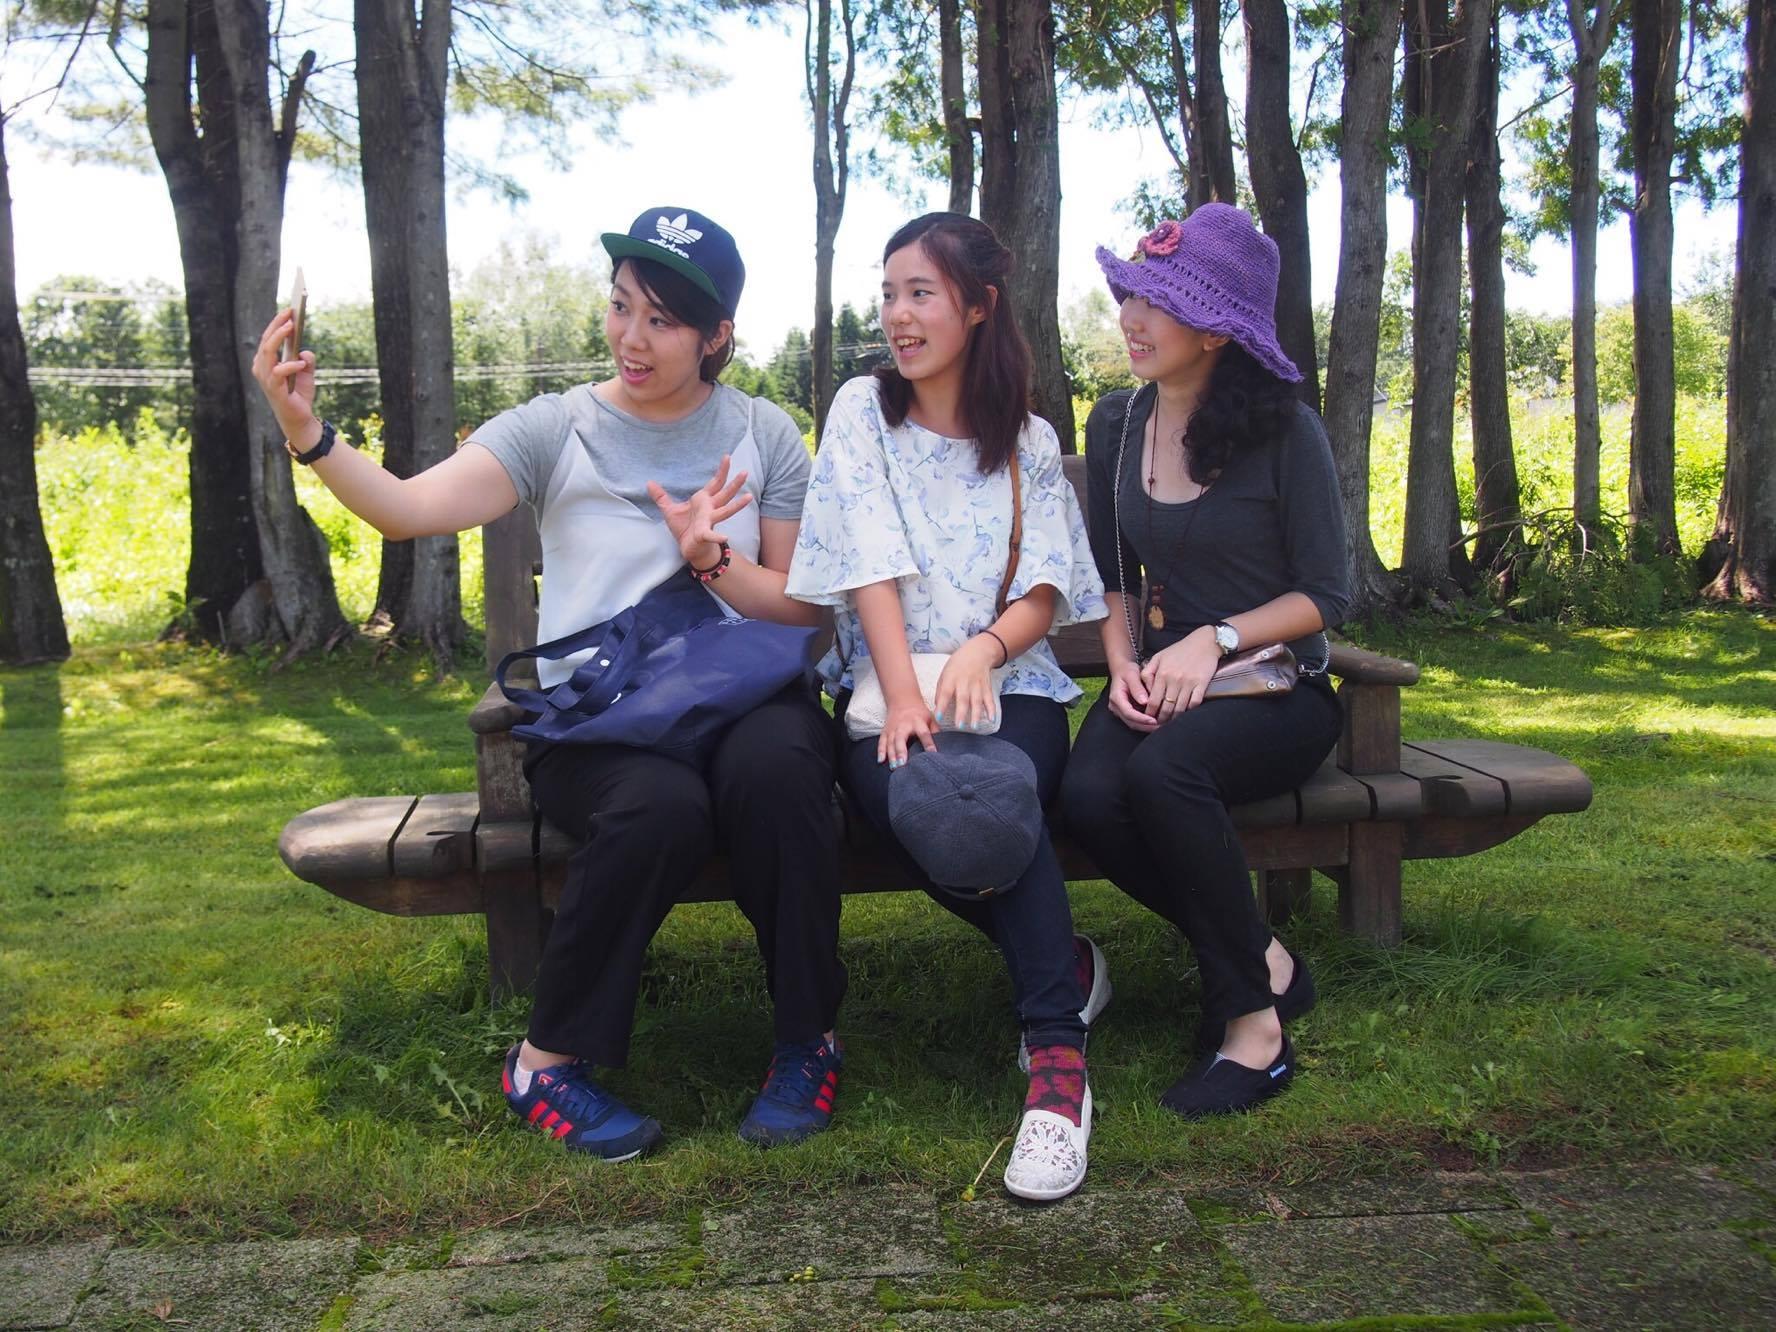 日本人参加者のゆにちゃん(中央)とミュウさん(右)。部屋でのガールズトークは万国共通でした。笑